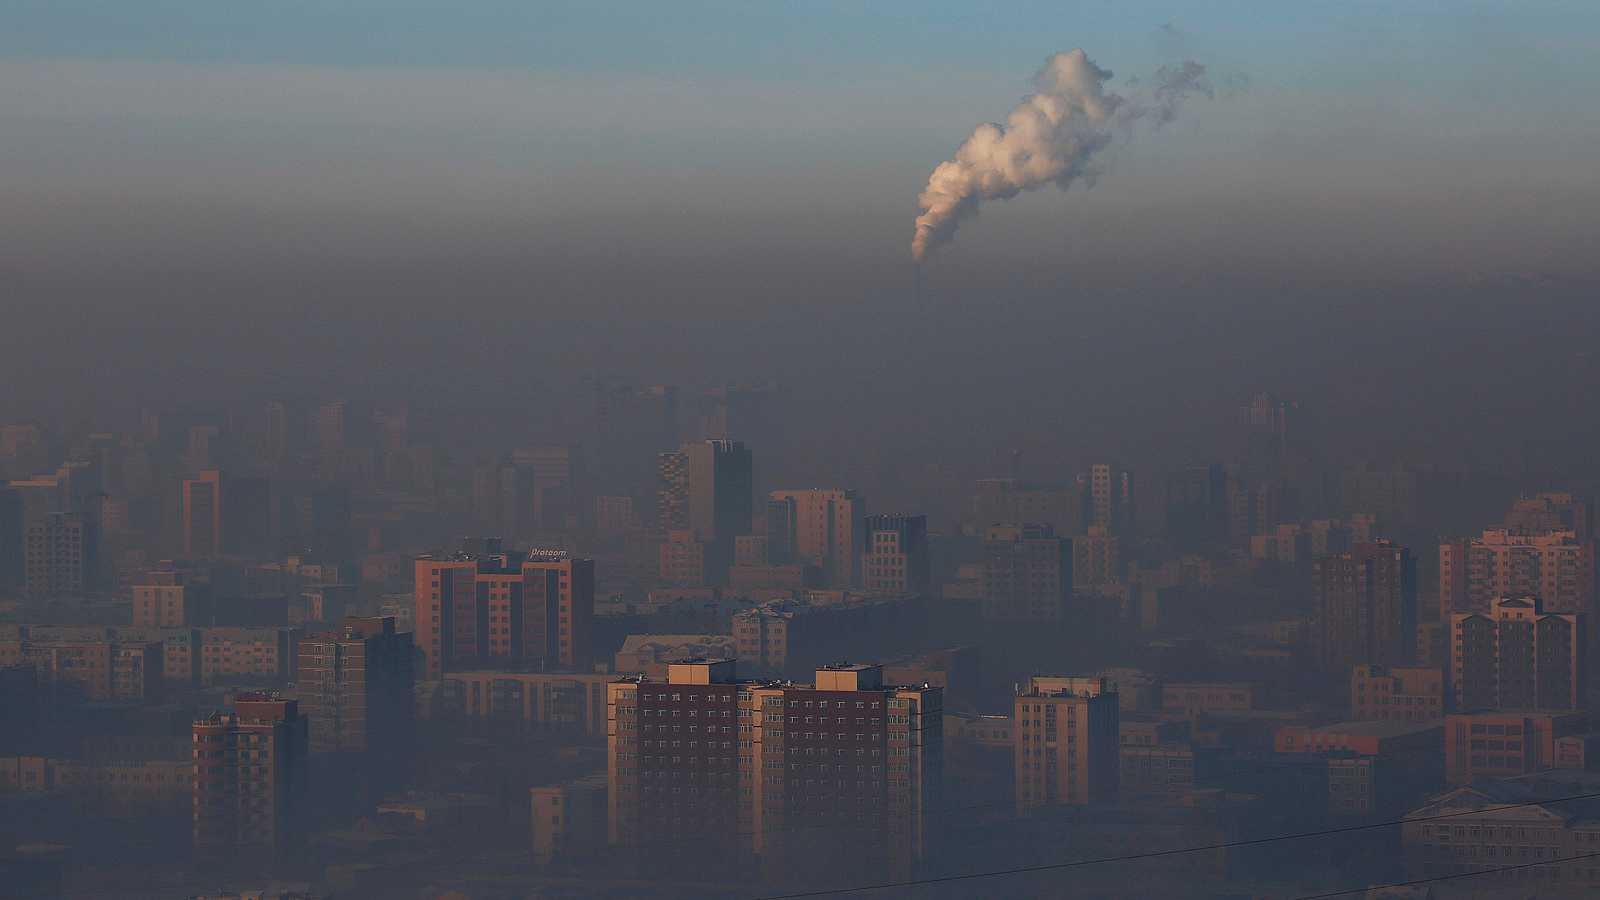 Las emisiones de dióxido de carbono volverán a marcar un nuevo récord en 2019